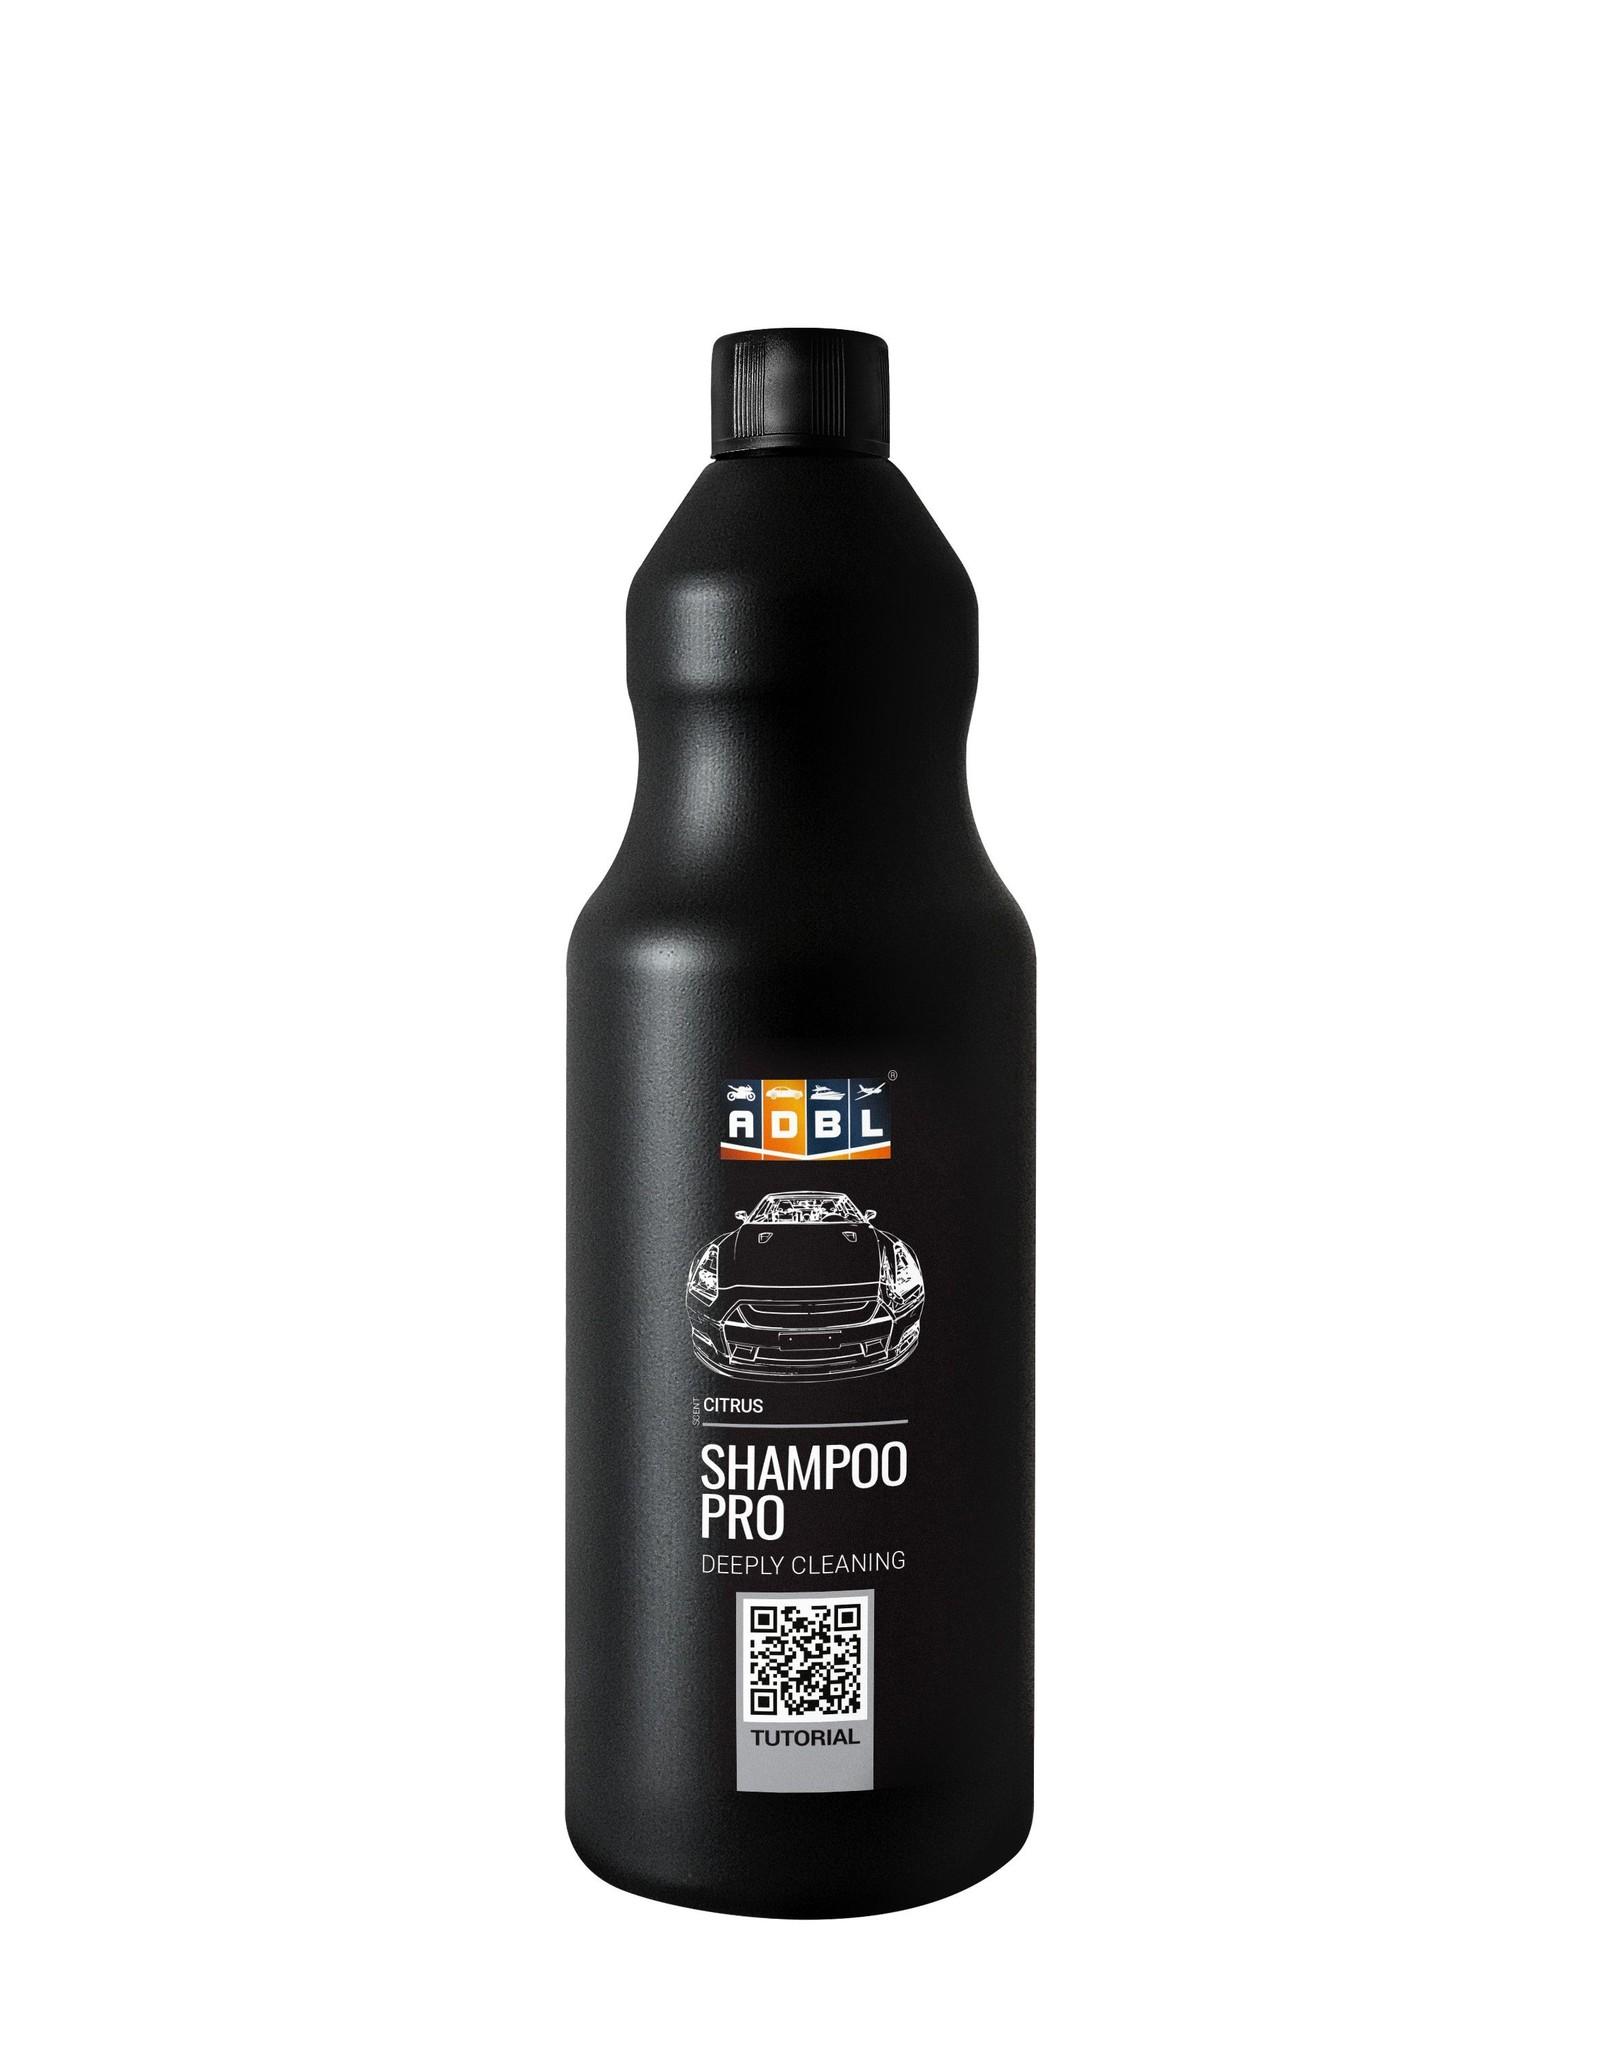 ADBL Shampoo Pro Autoshampoo 500ml